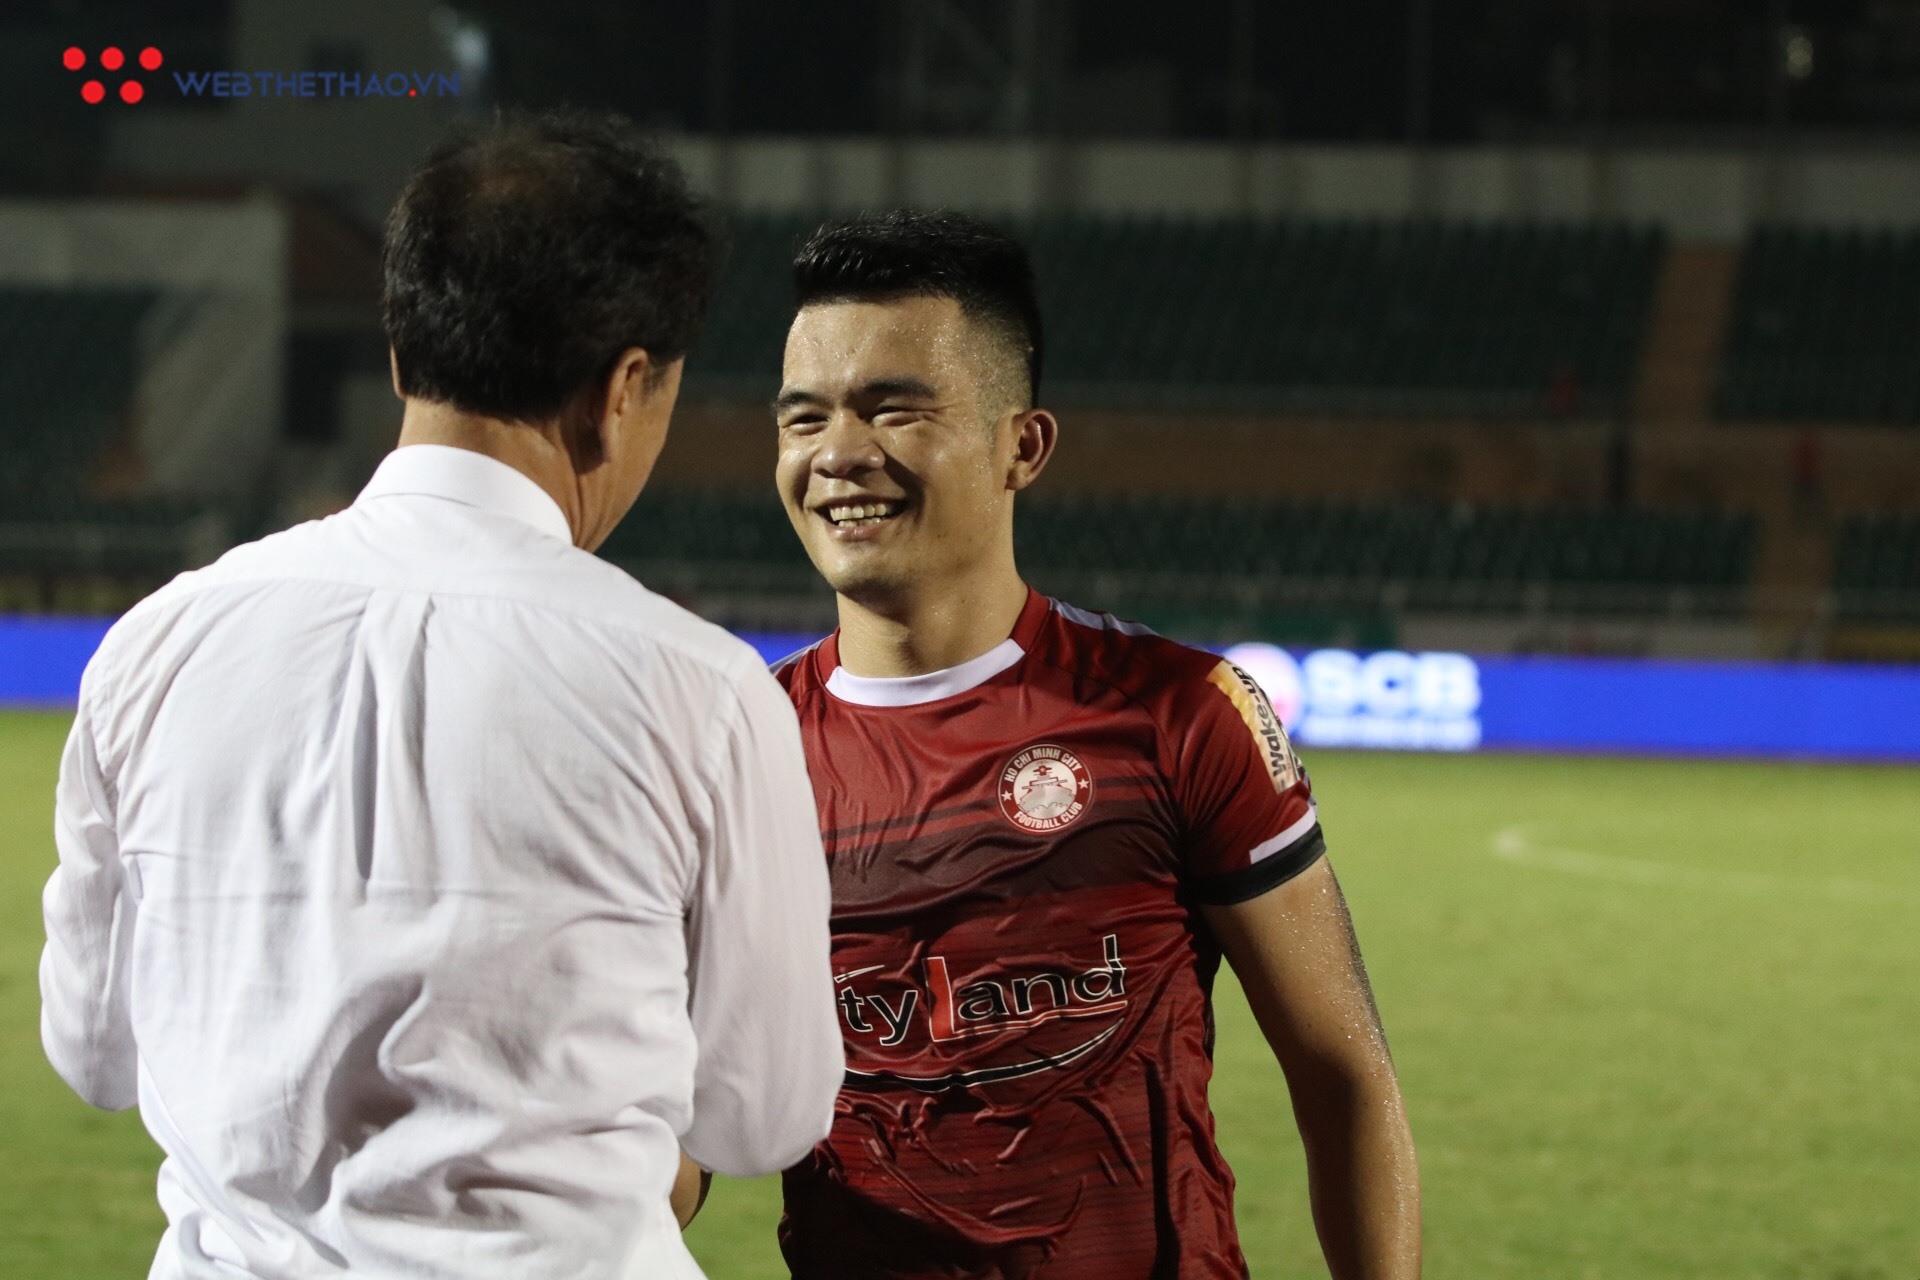 Đồng hương của ông Park chia sẻ bí quyết vượt qua mật độ thi đấu dày đặc